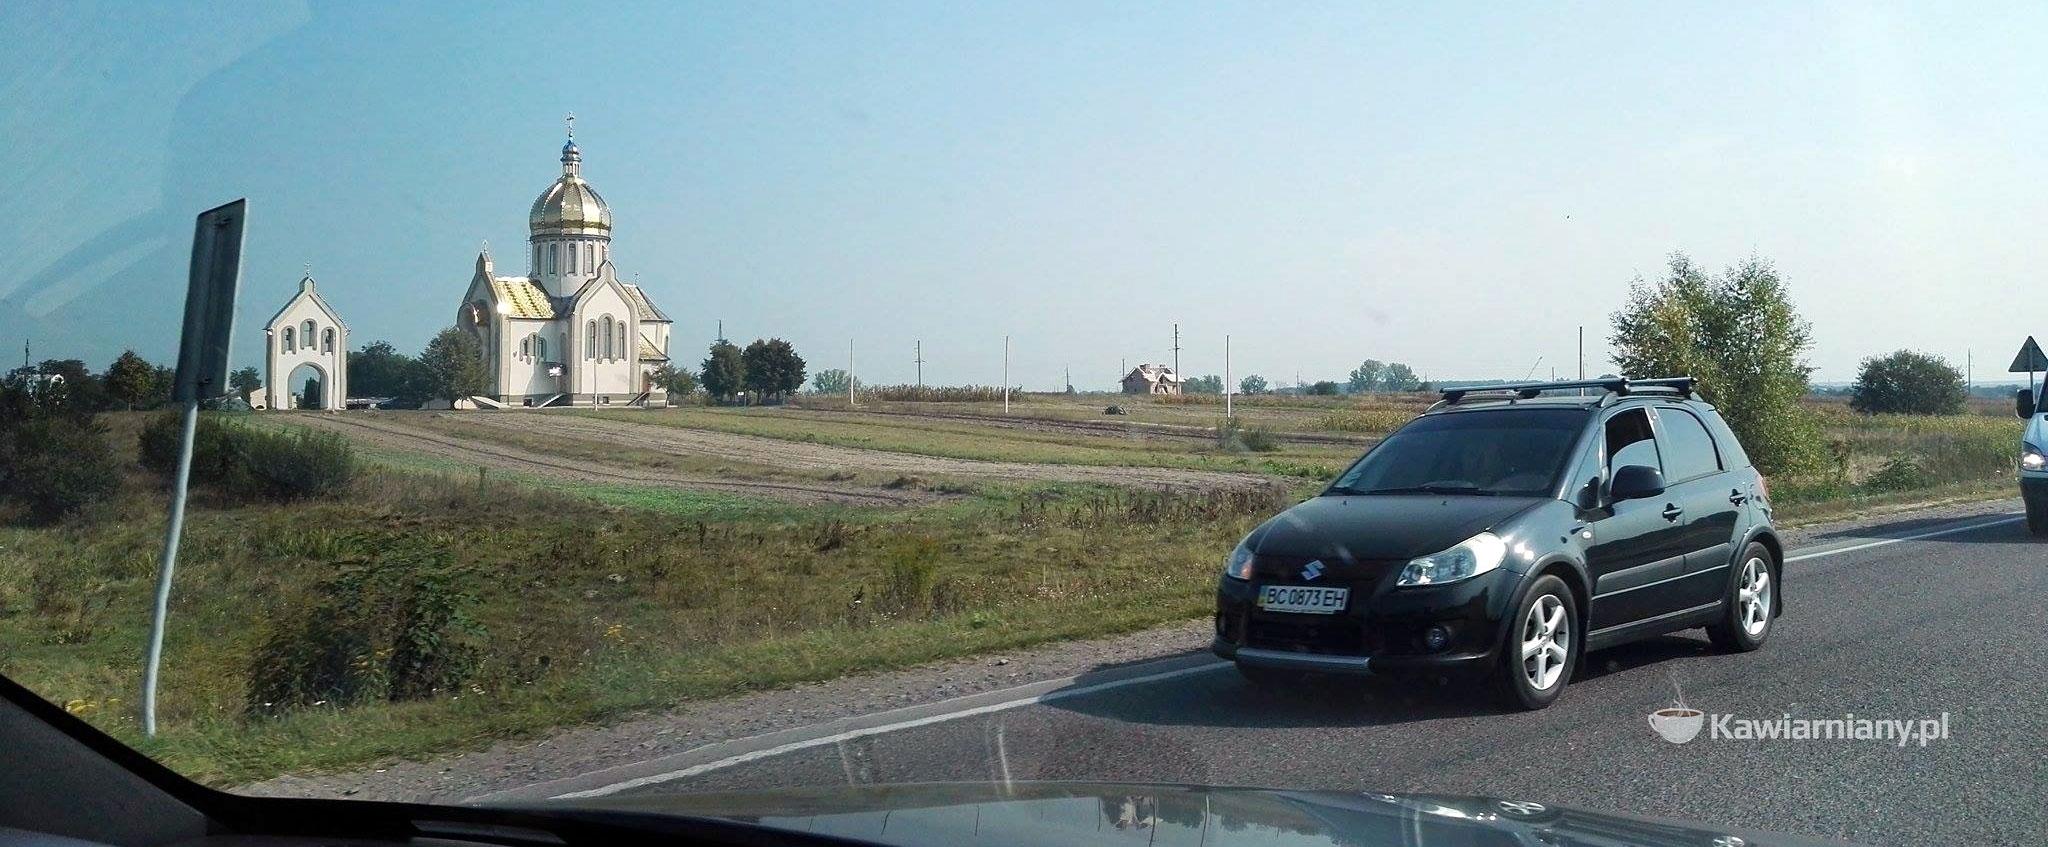 Wyjazd na Ukrainę samochodem 2018 – Wycieczka do Lwowa – wymagane dokumenty